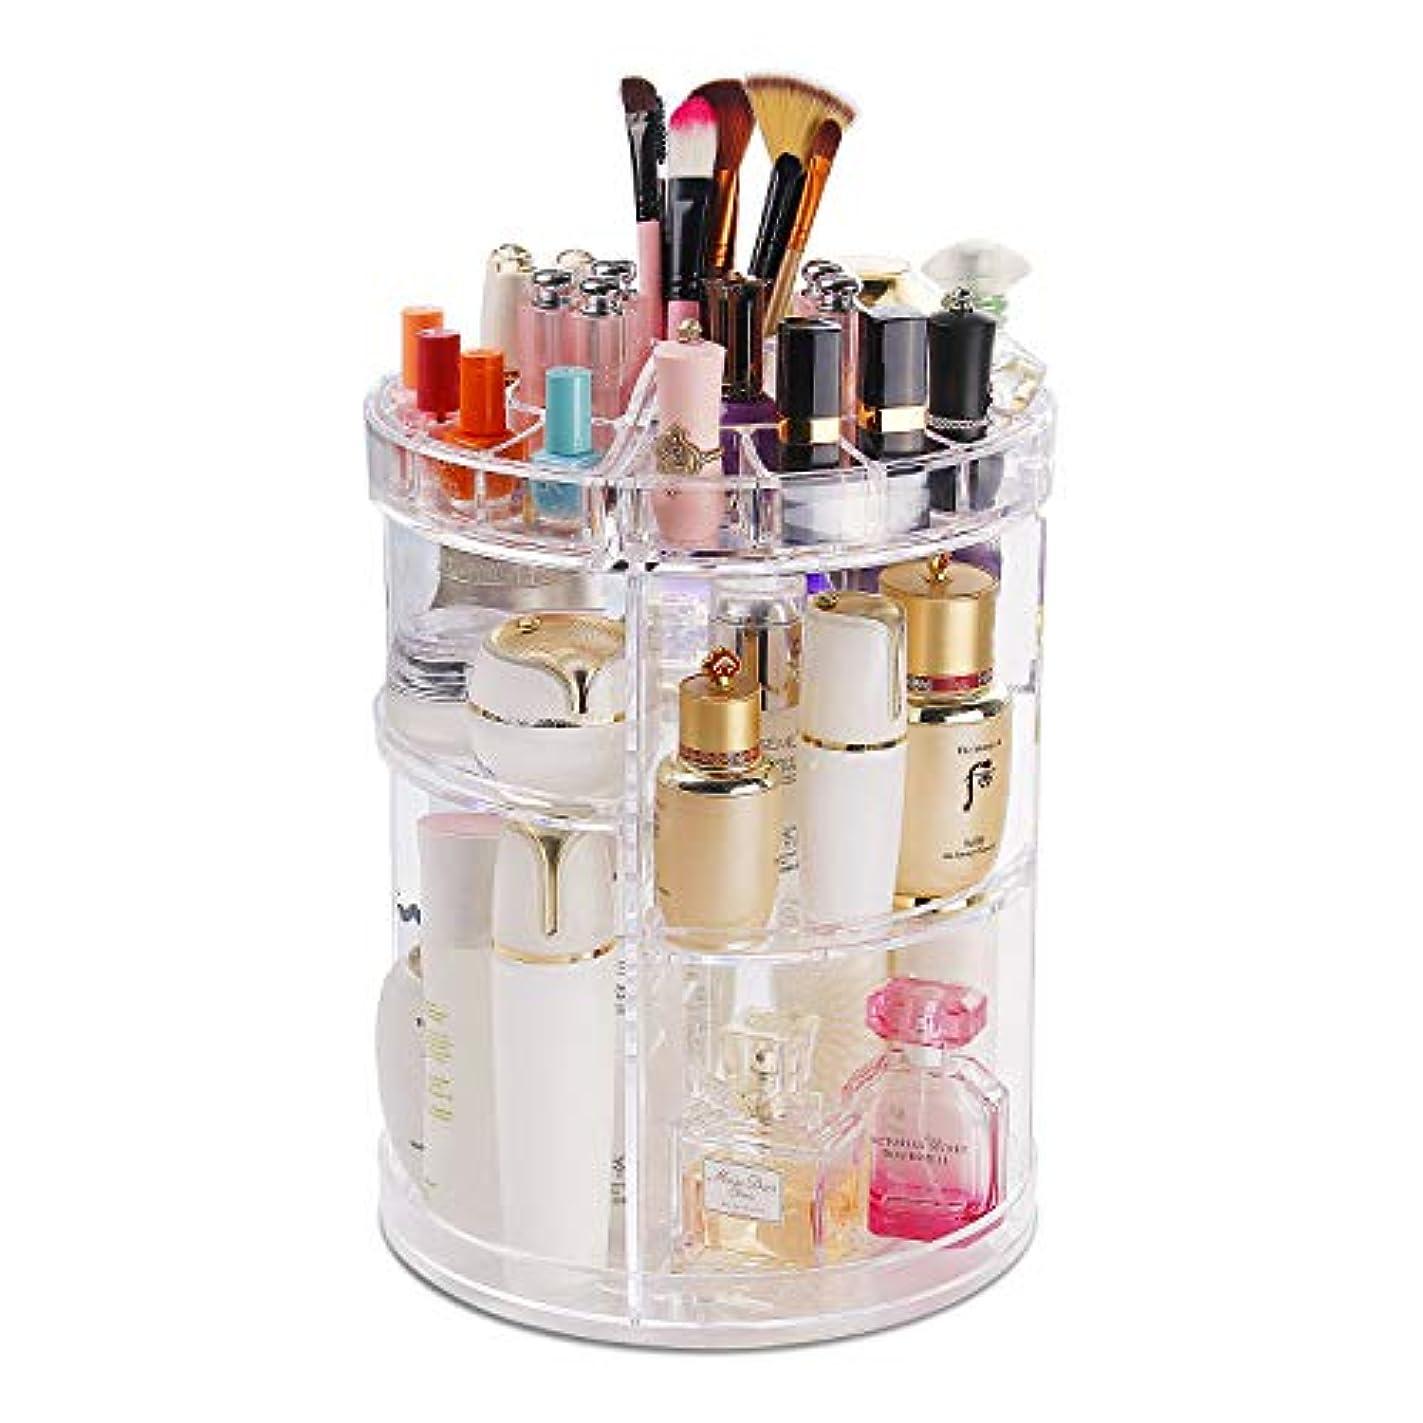 ベーカリー分子請求書化粧品収納ボックス コスメボックス 360度回転化粧品収納ラック 大容量透明化粧品ケース メイクボックス 女の子のギフト